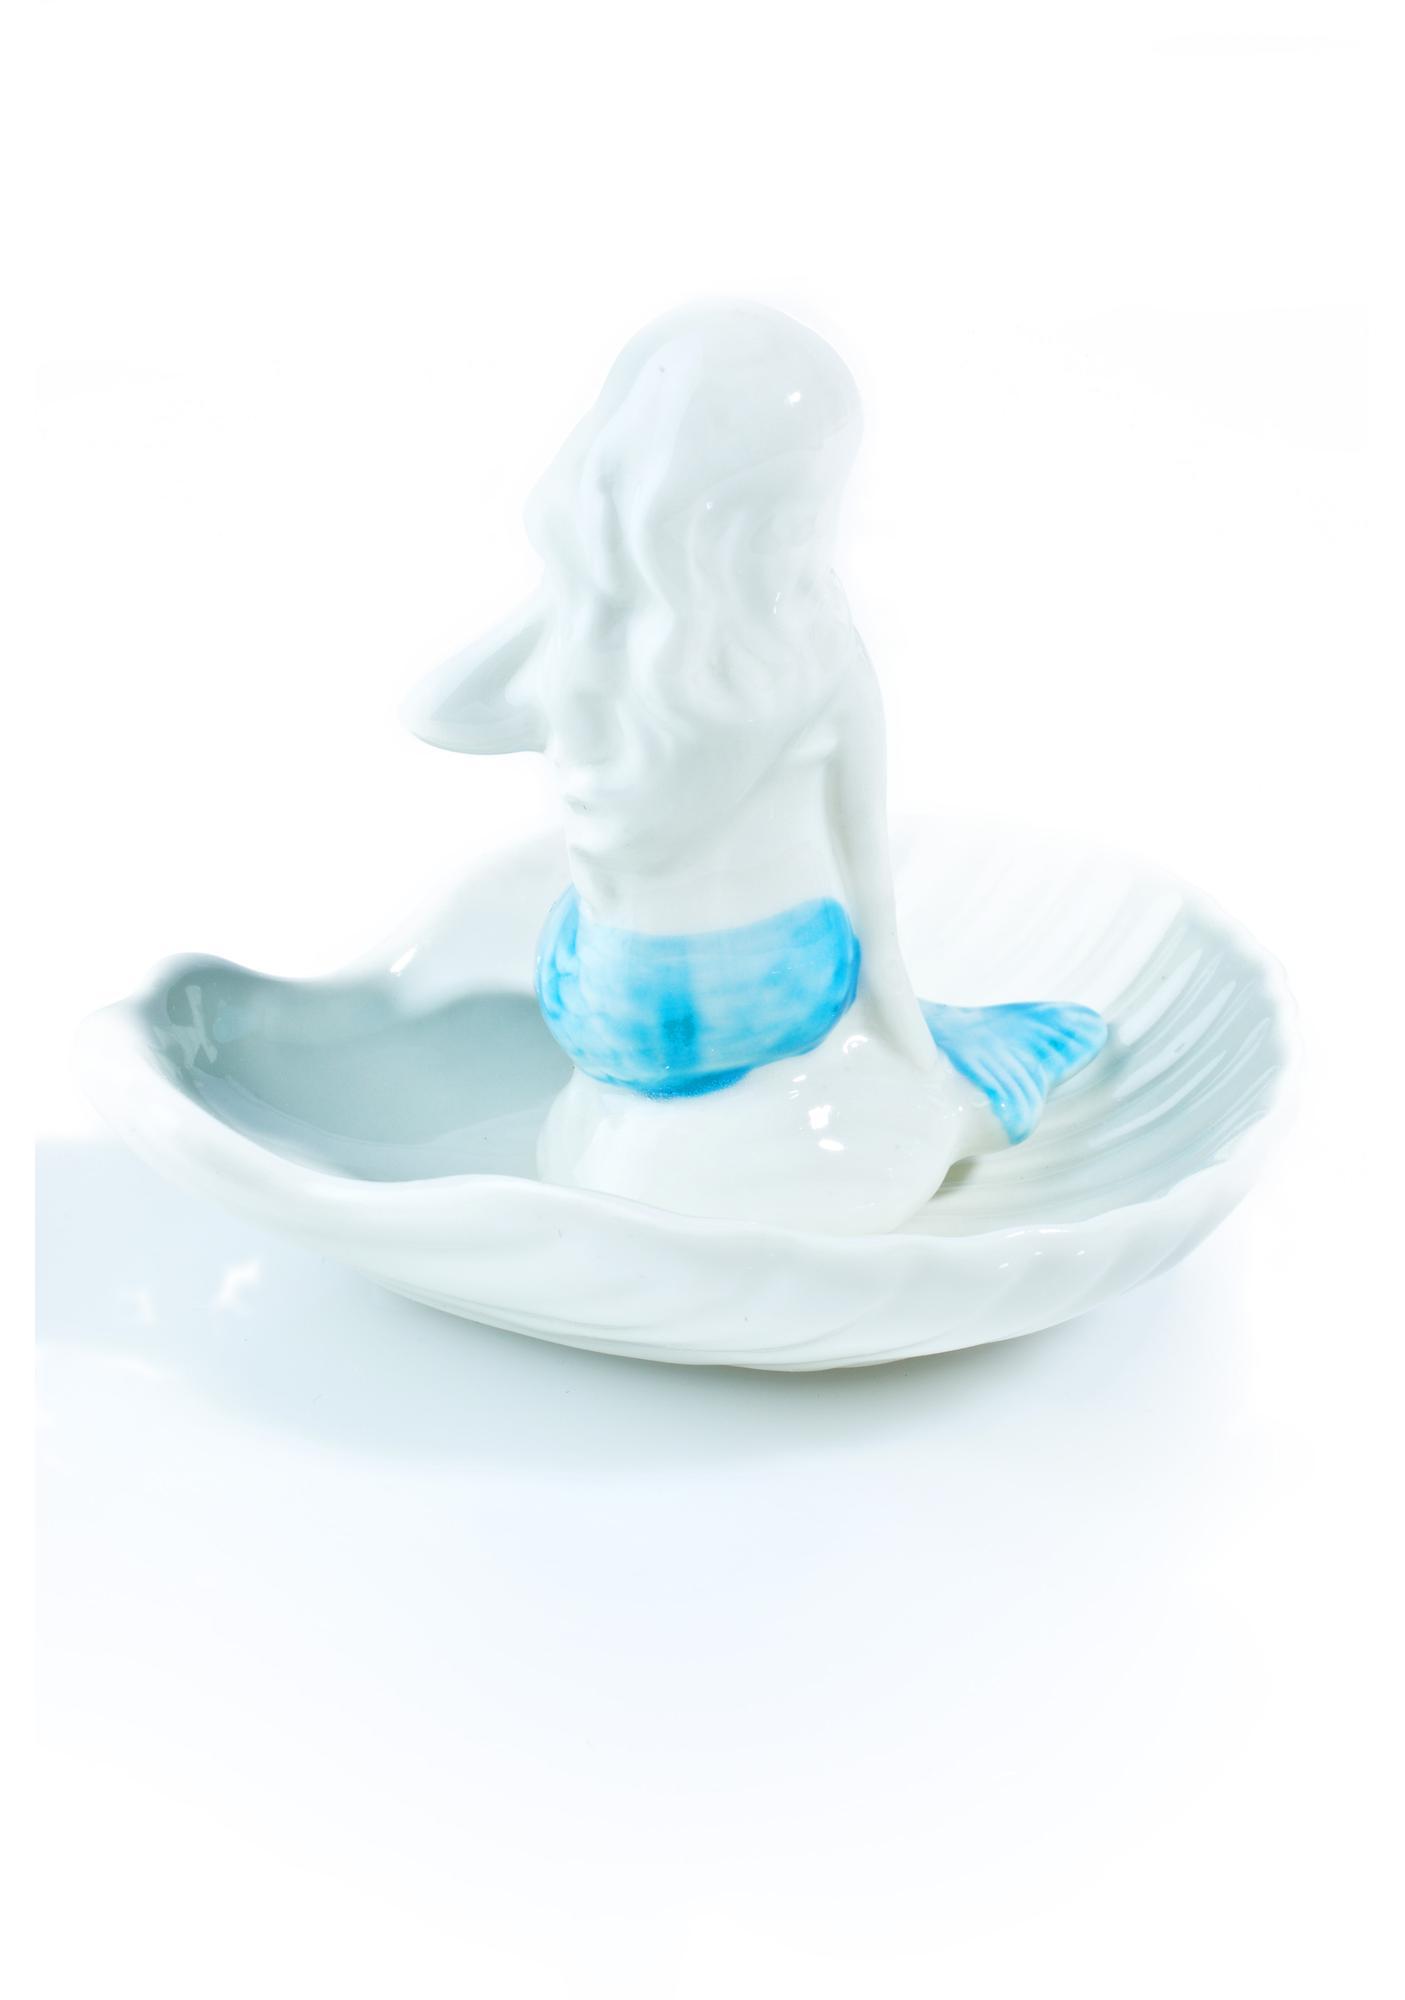 Mermaid Jewelry Dish